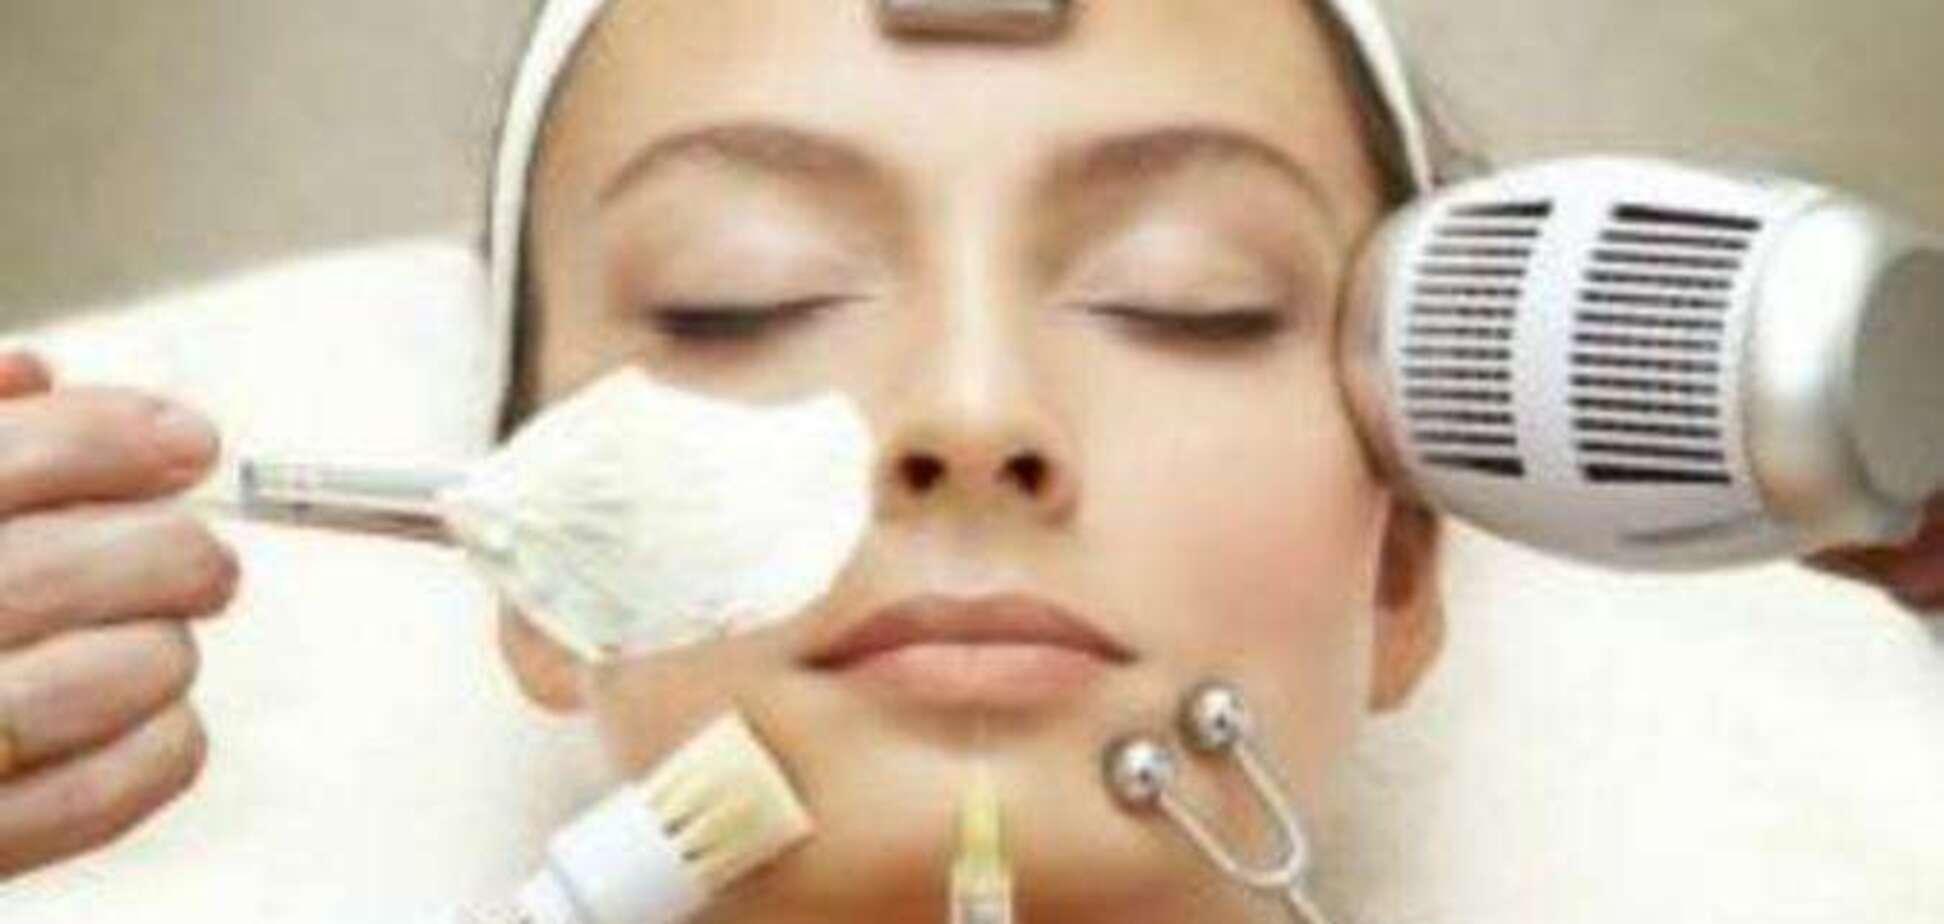 Какие процедуры может выполнять косметик?